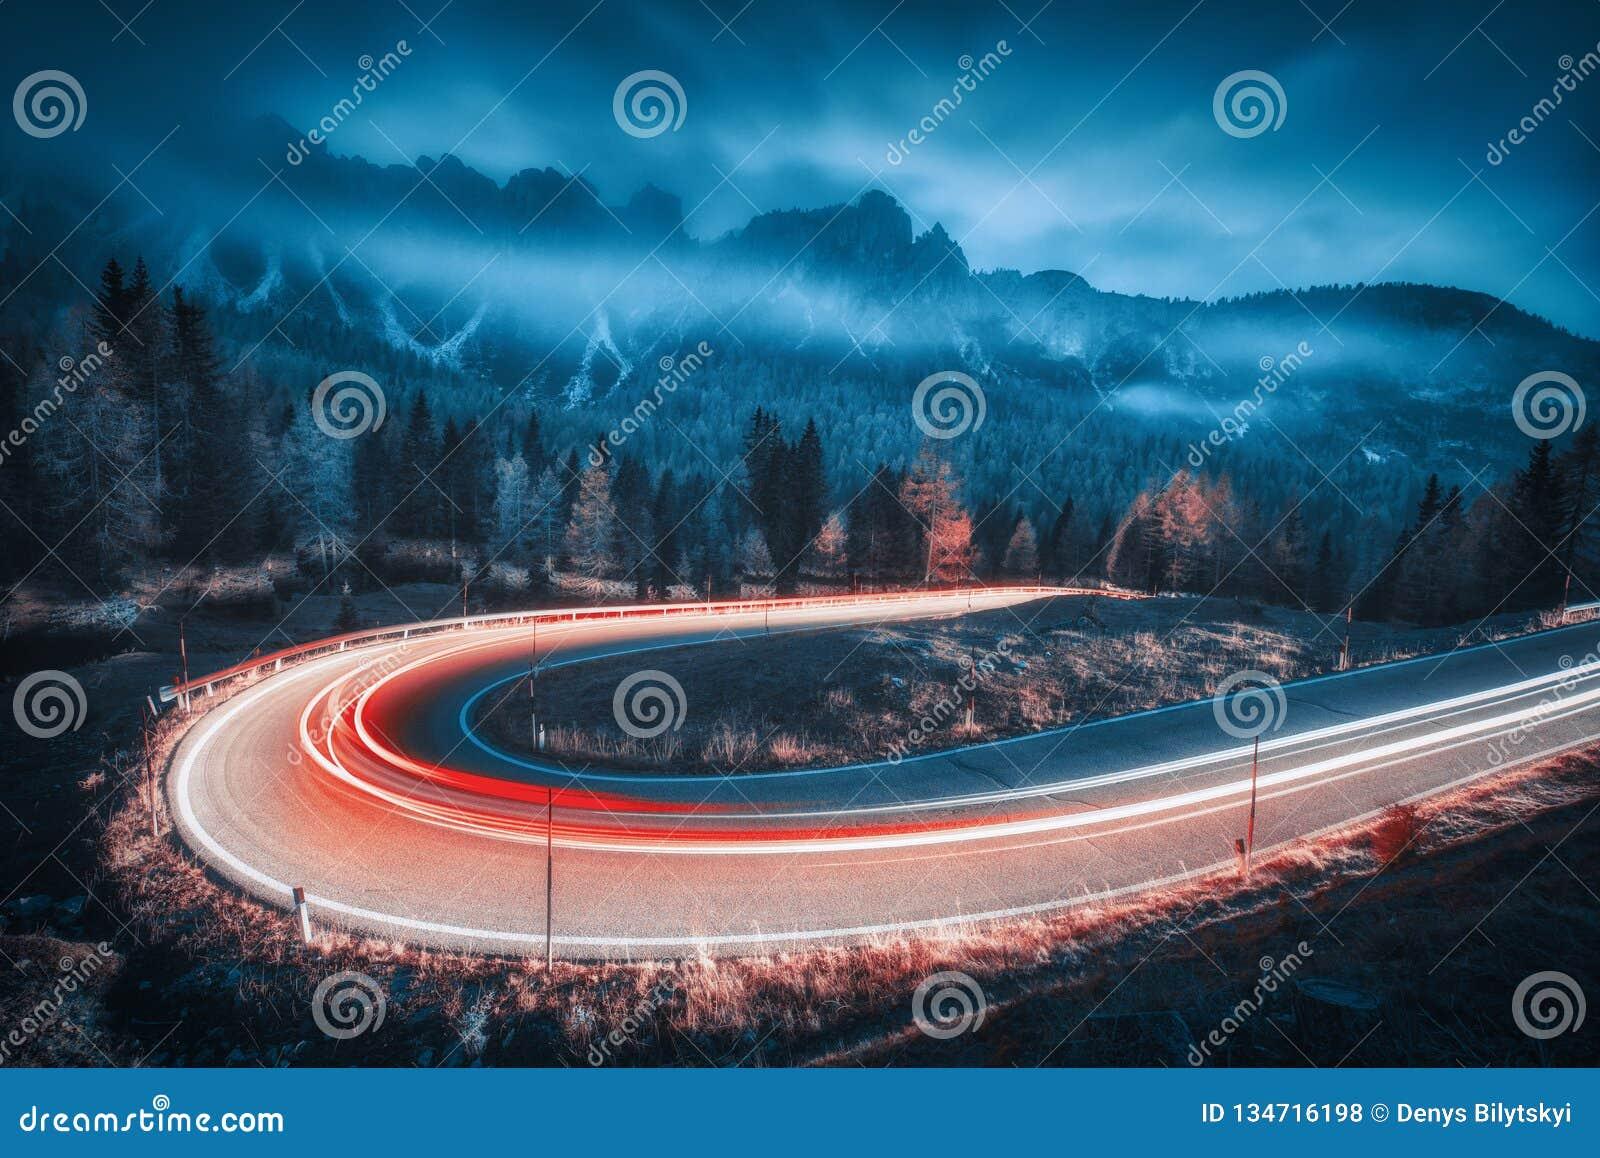 Unscharfe Autoscheinwerfer auf kurvenreicher Straße in den Bergen